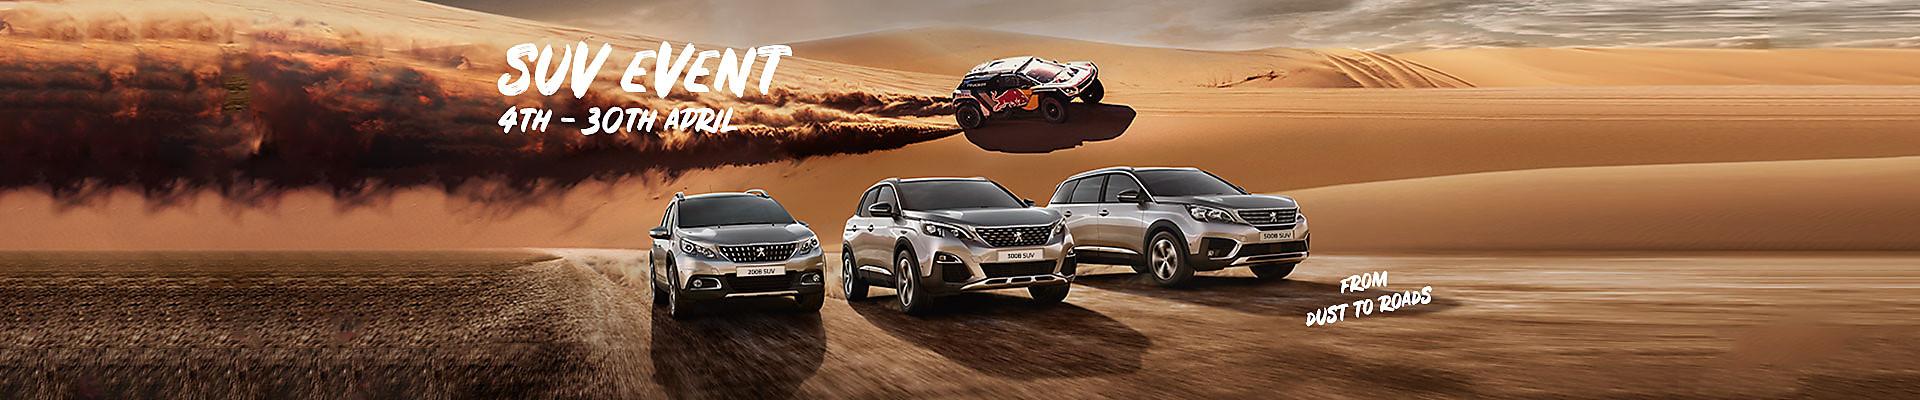 Peugeot SUV Range - Peugeot 2008 SUV, Peugeot 3008 SUV and Peugeot New 5008 SUV